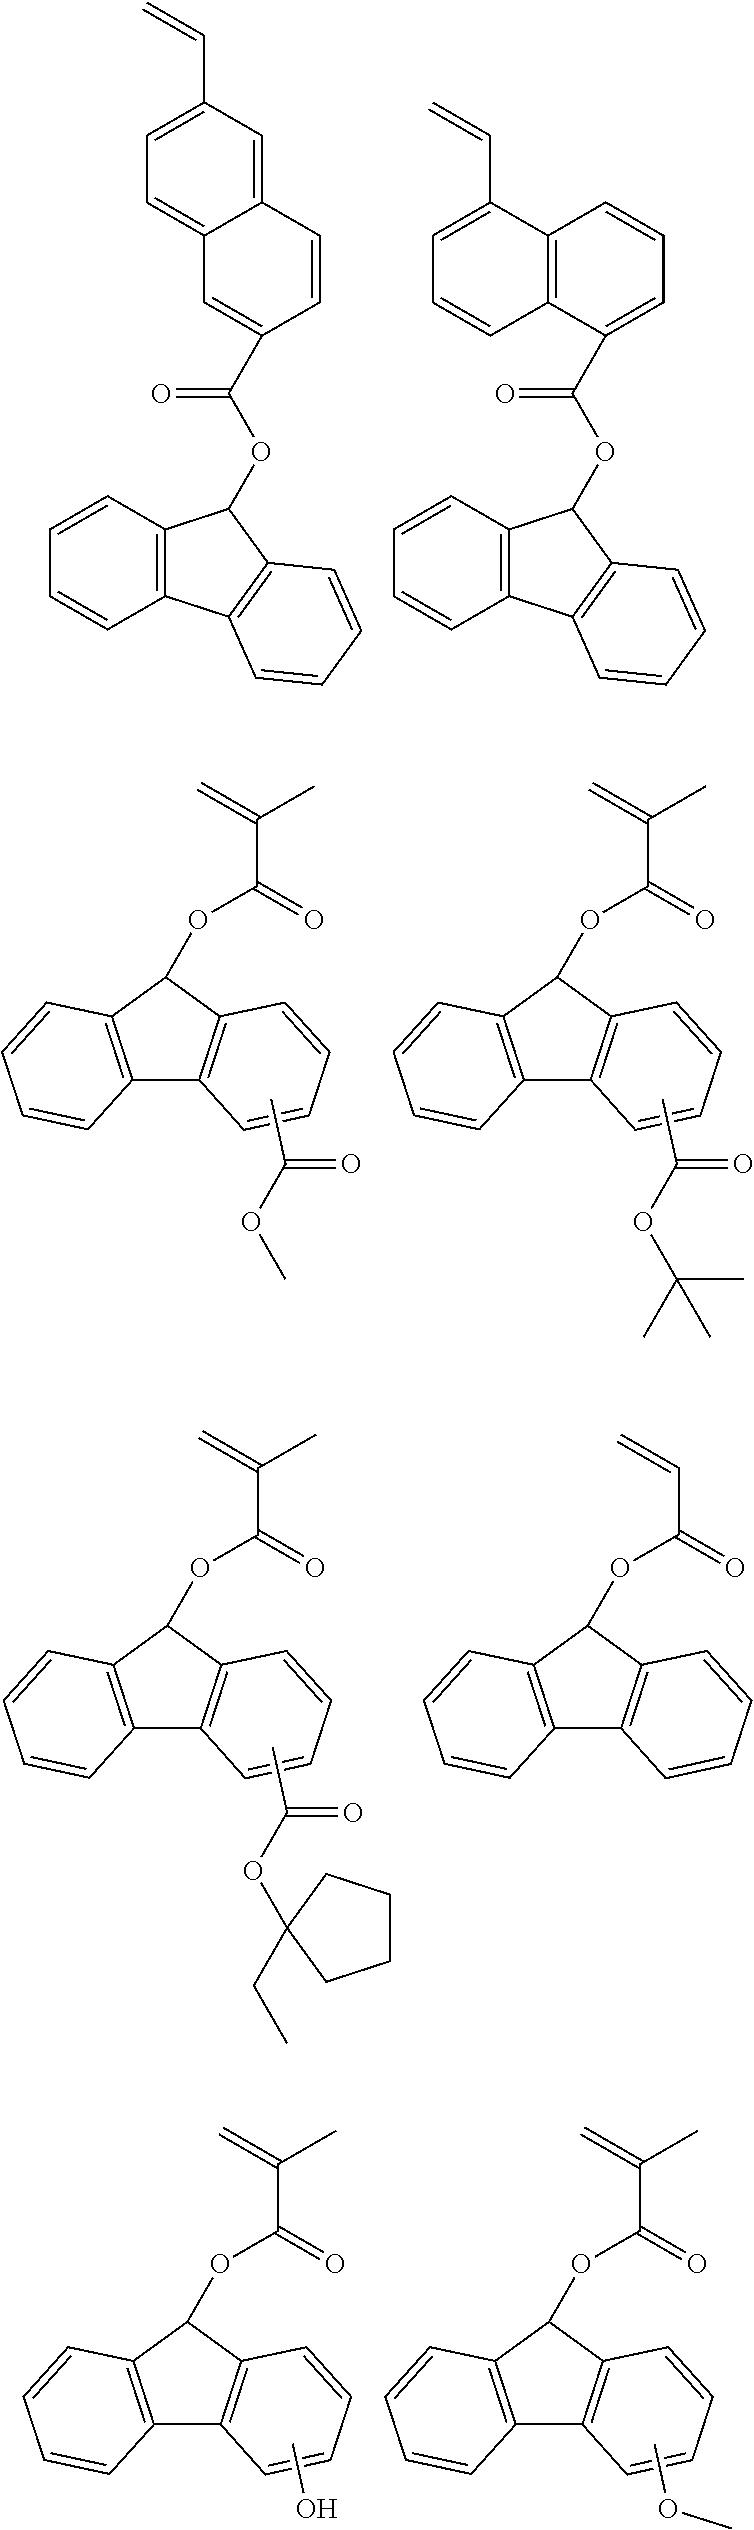 Figure US09023586-20150505-C00049